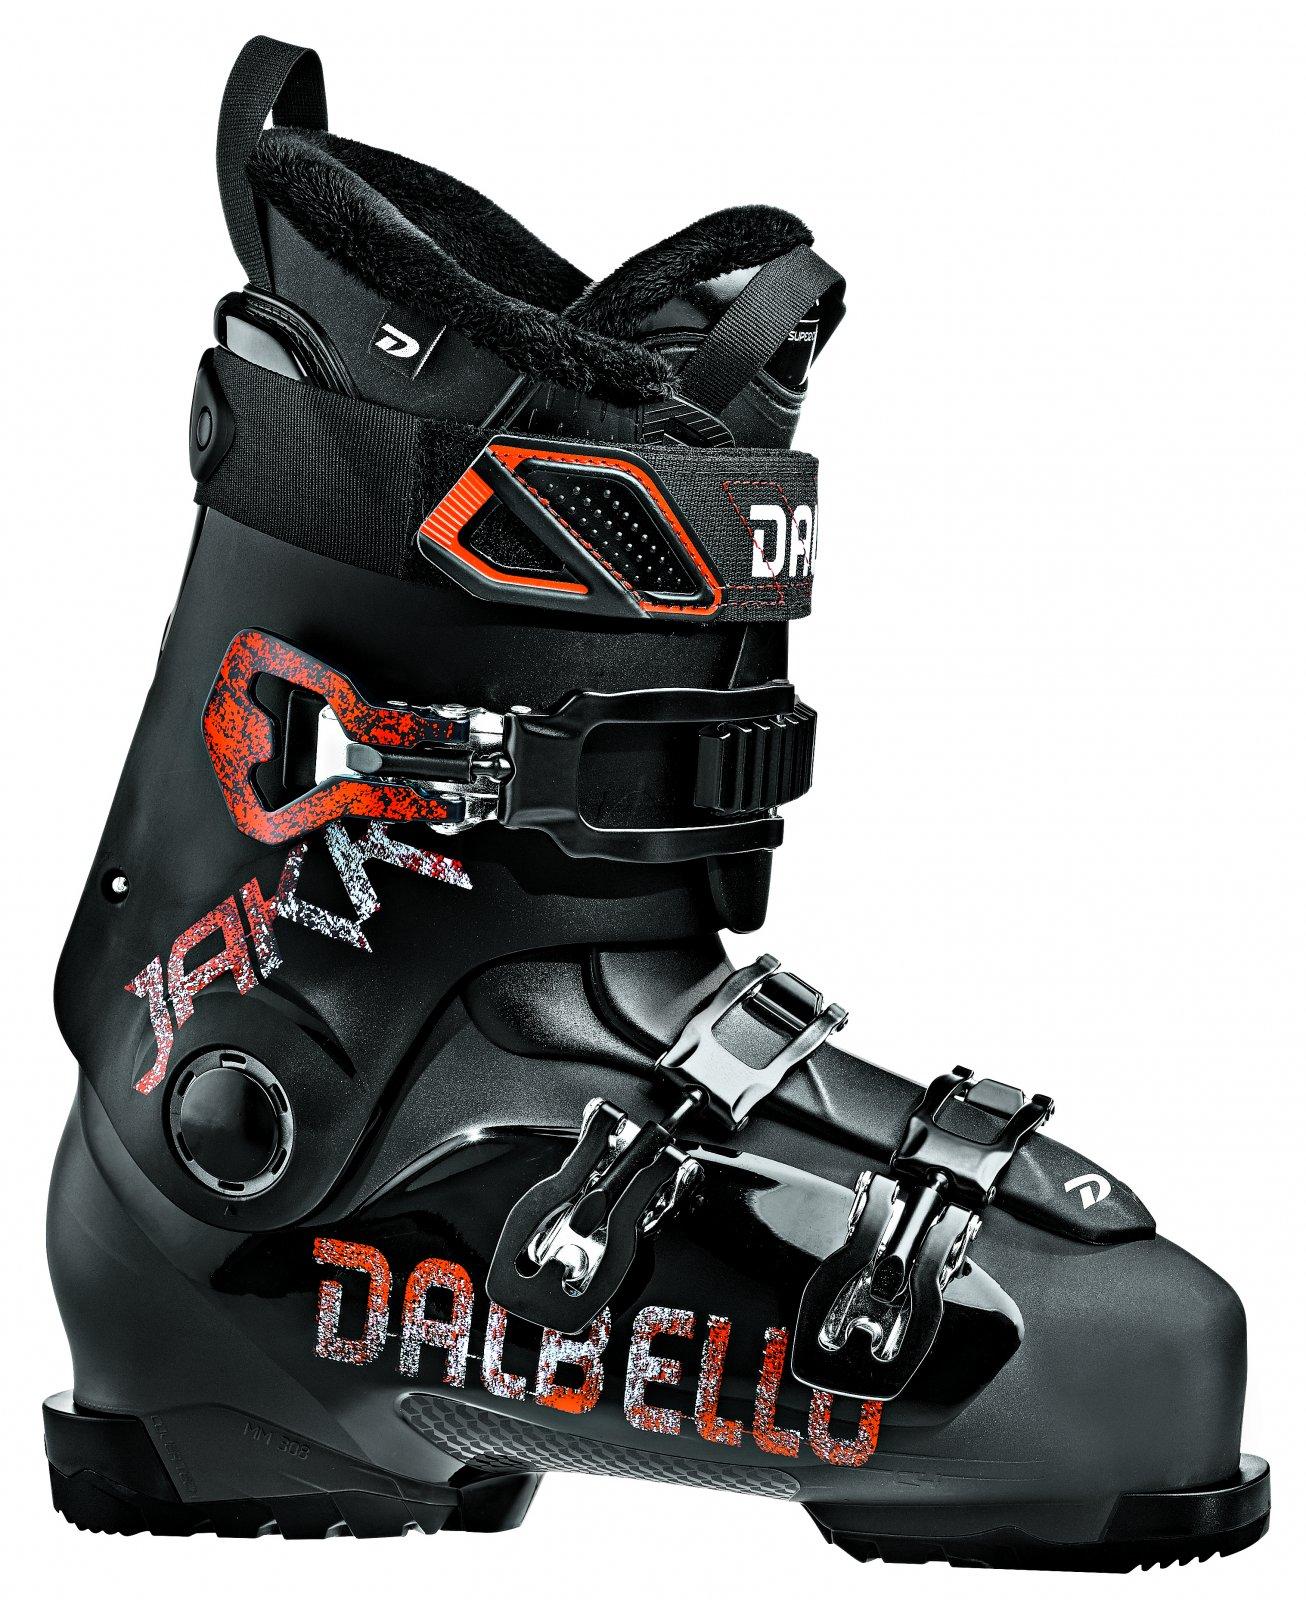 Dalbello Jakk Ski Boots 2020 - size 26.5